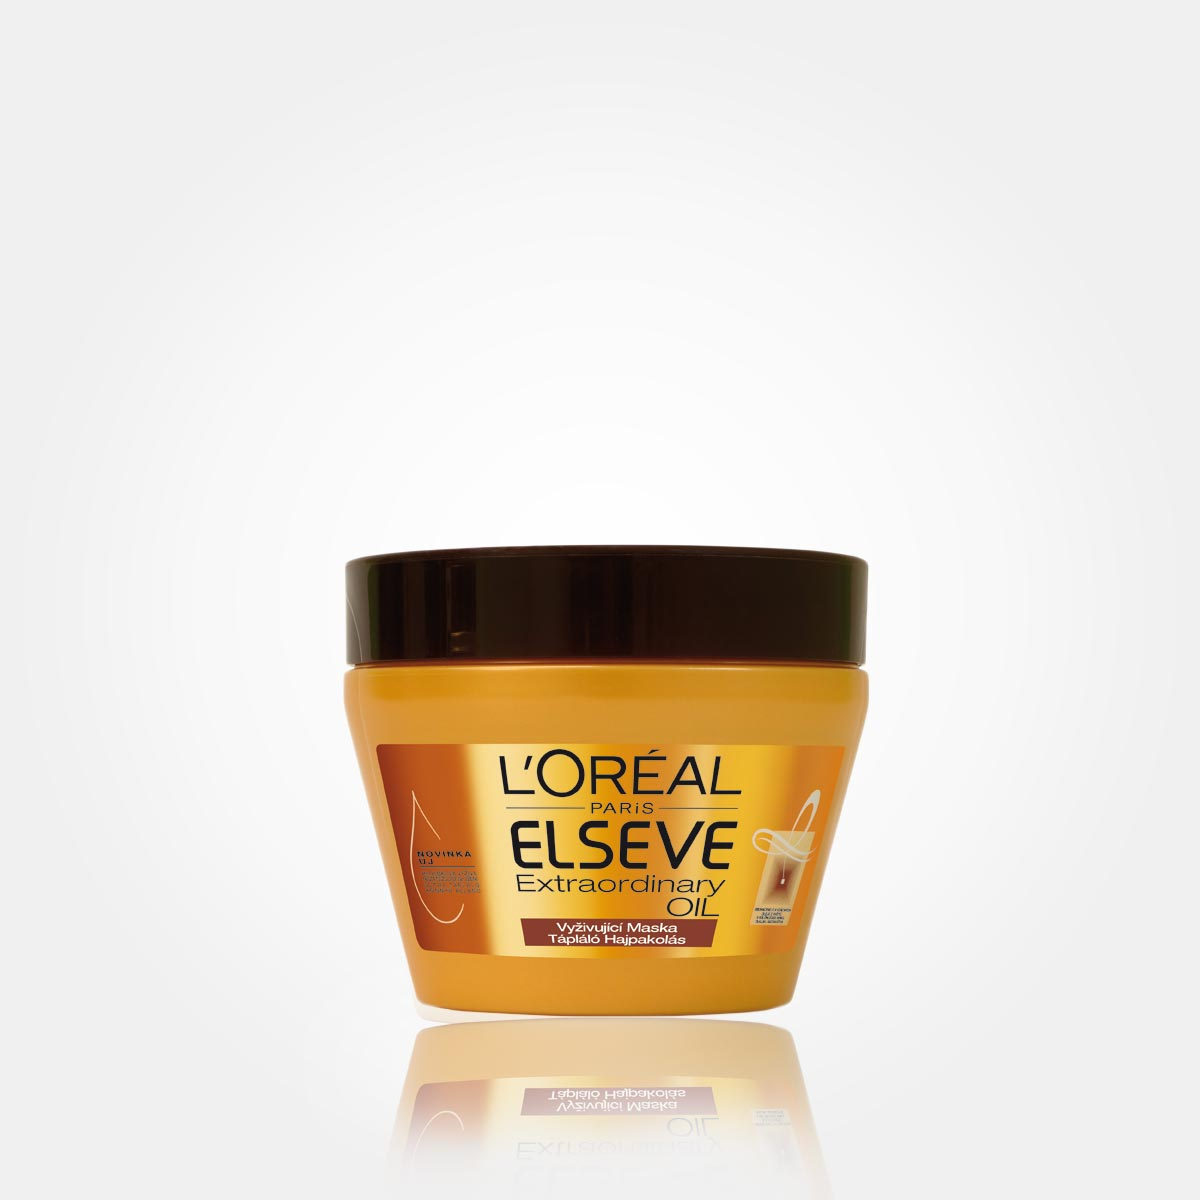 Vyživující maska – L'Oreal Elseve Extraordinary Oil